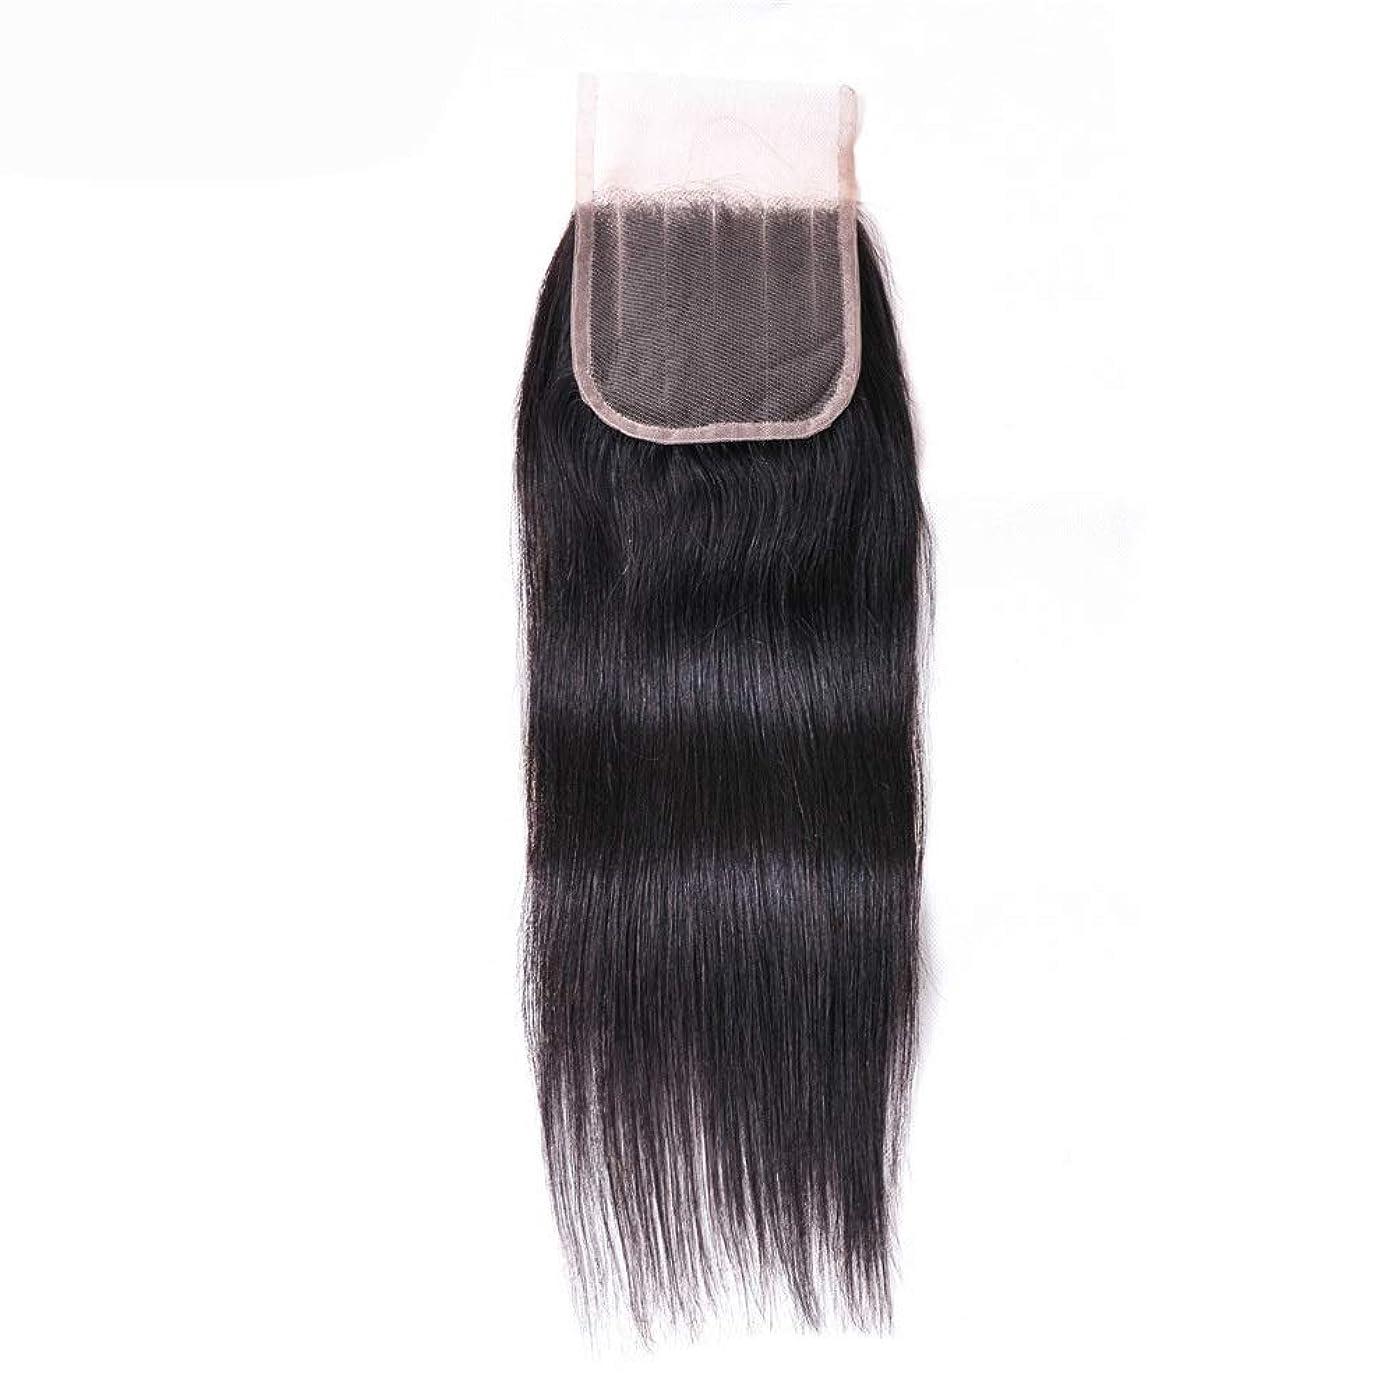 強調するくぼみめったにHOHYLLYA 4×4ディープ5パートストレートレースの閉鎖ブラジルの人間の毛髪の閉鎖ナチュラルカラー女性複合かつらレースかつらロールプレイングかつら (色 : 黒, サイズ : 20 inch)